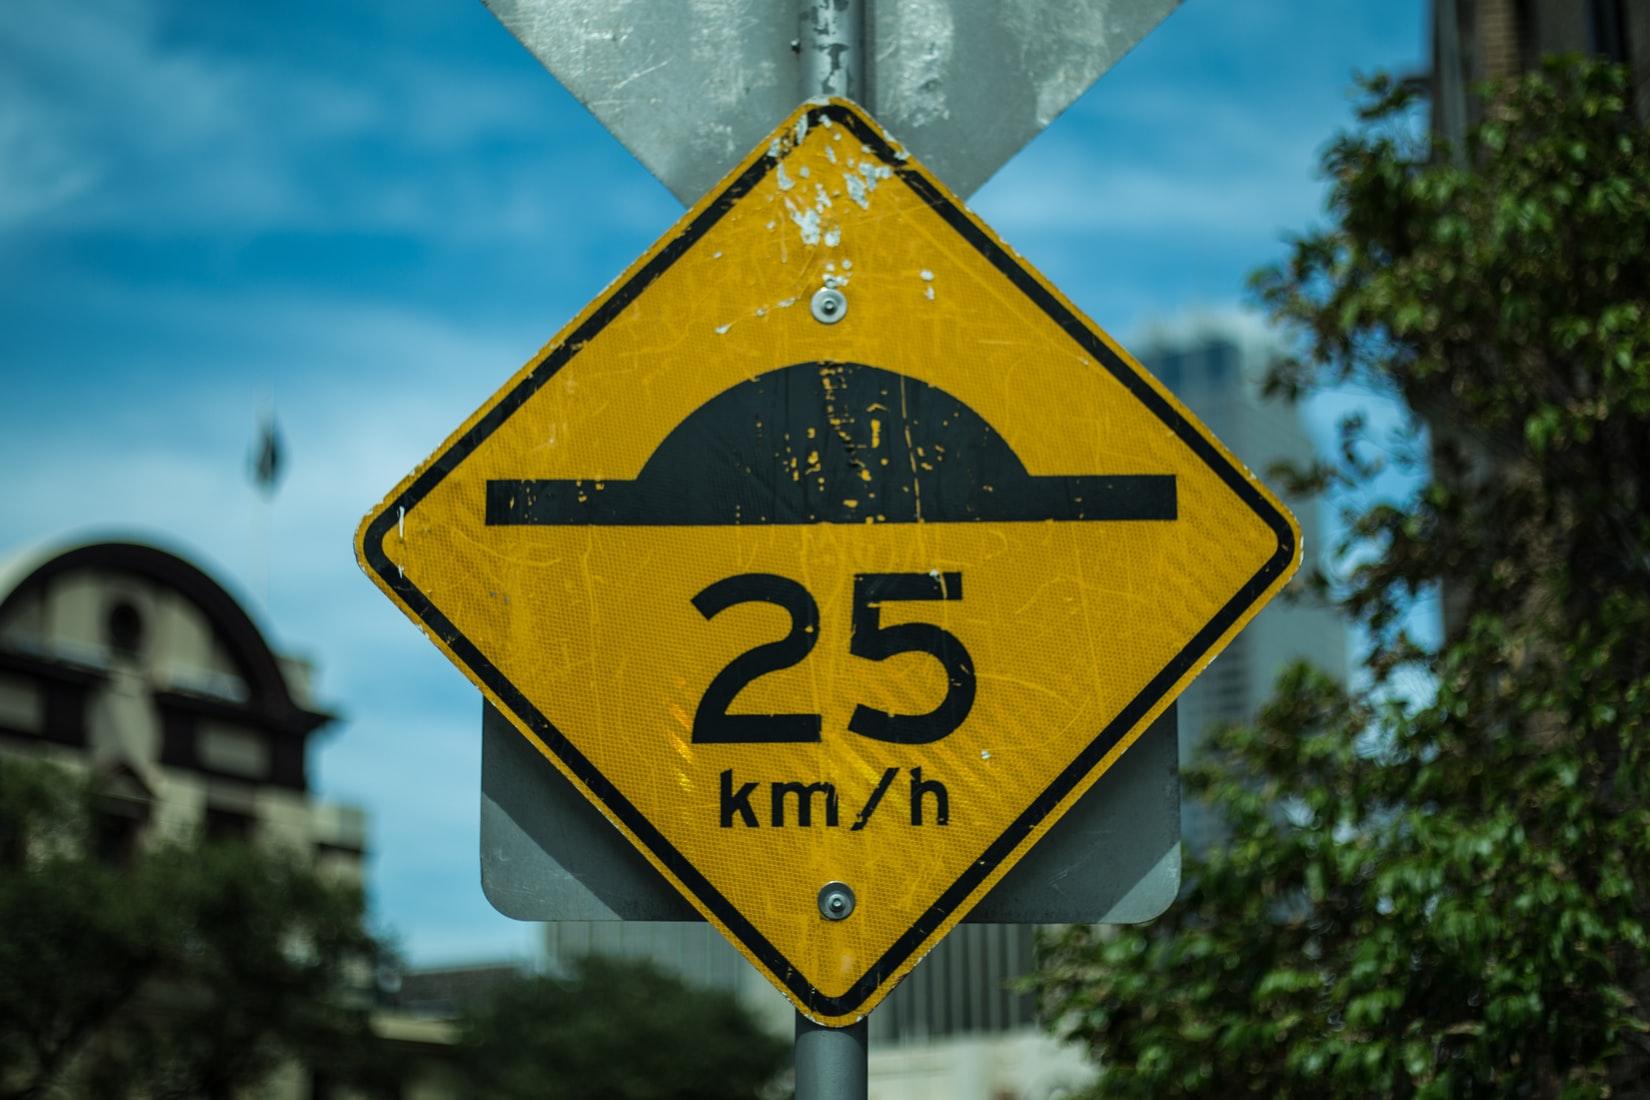 Speedbump ahead